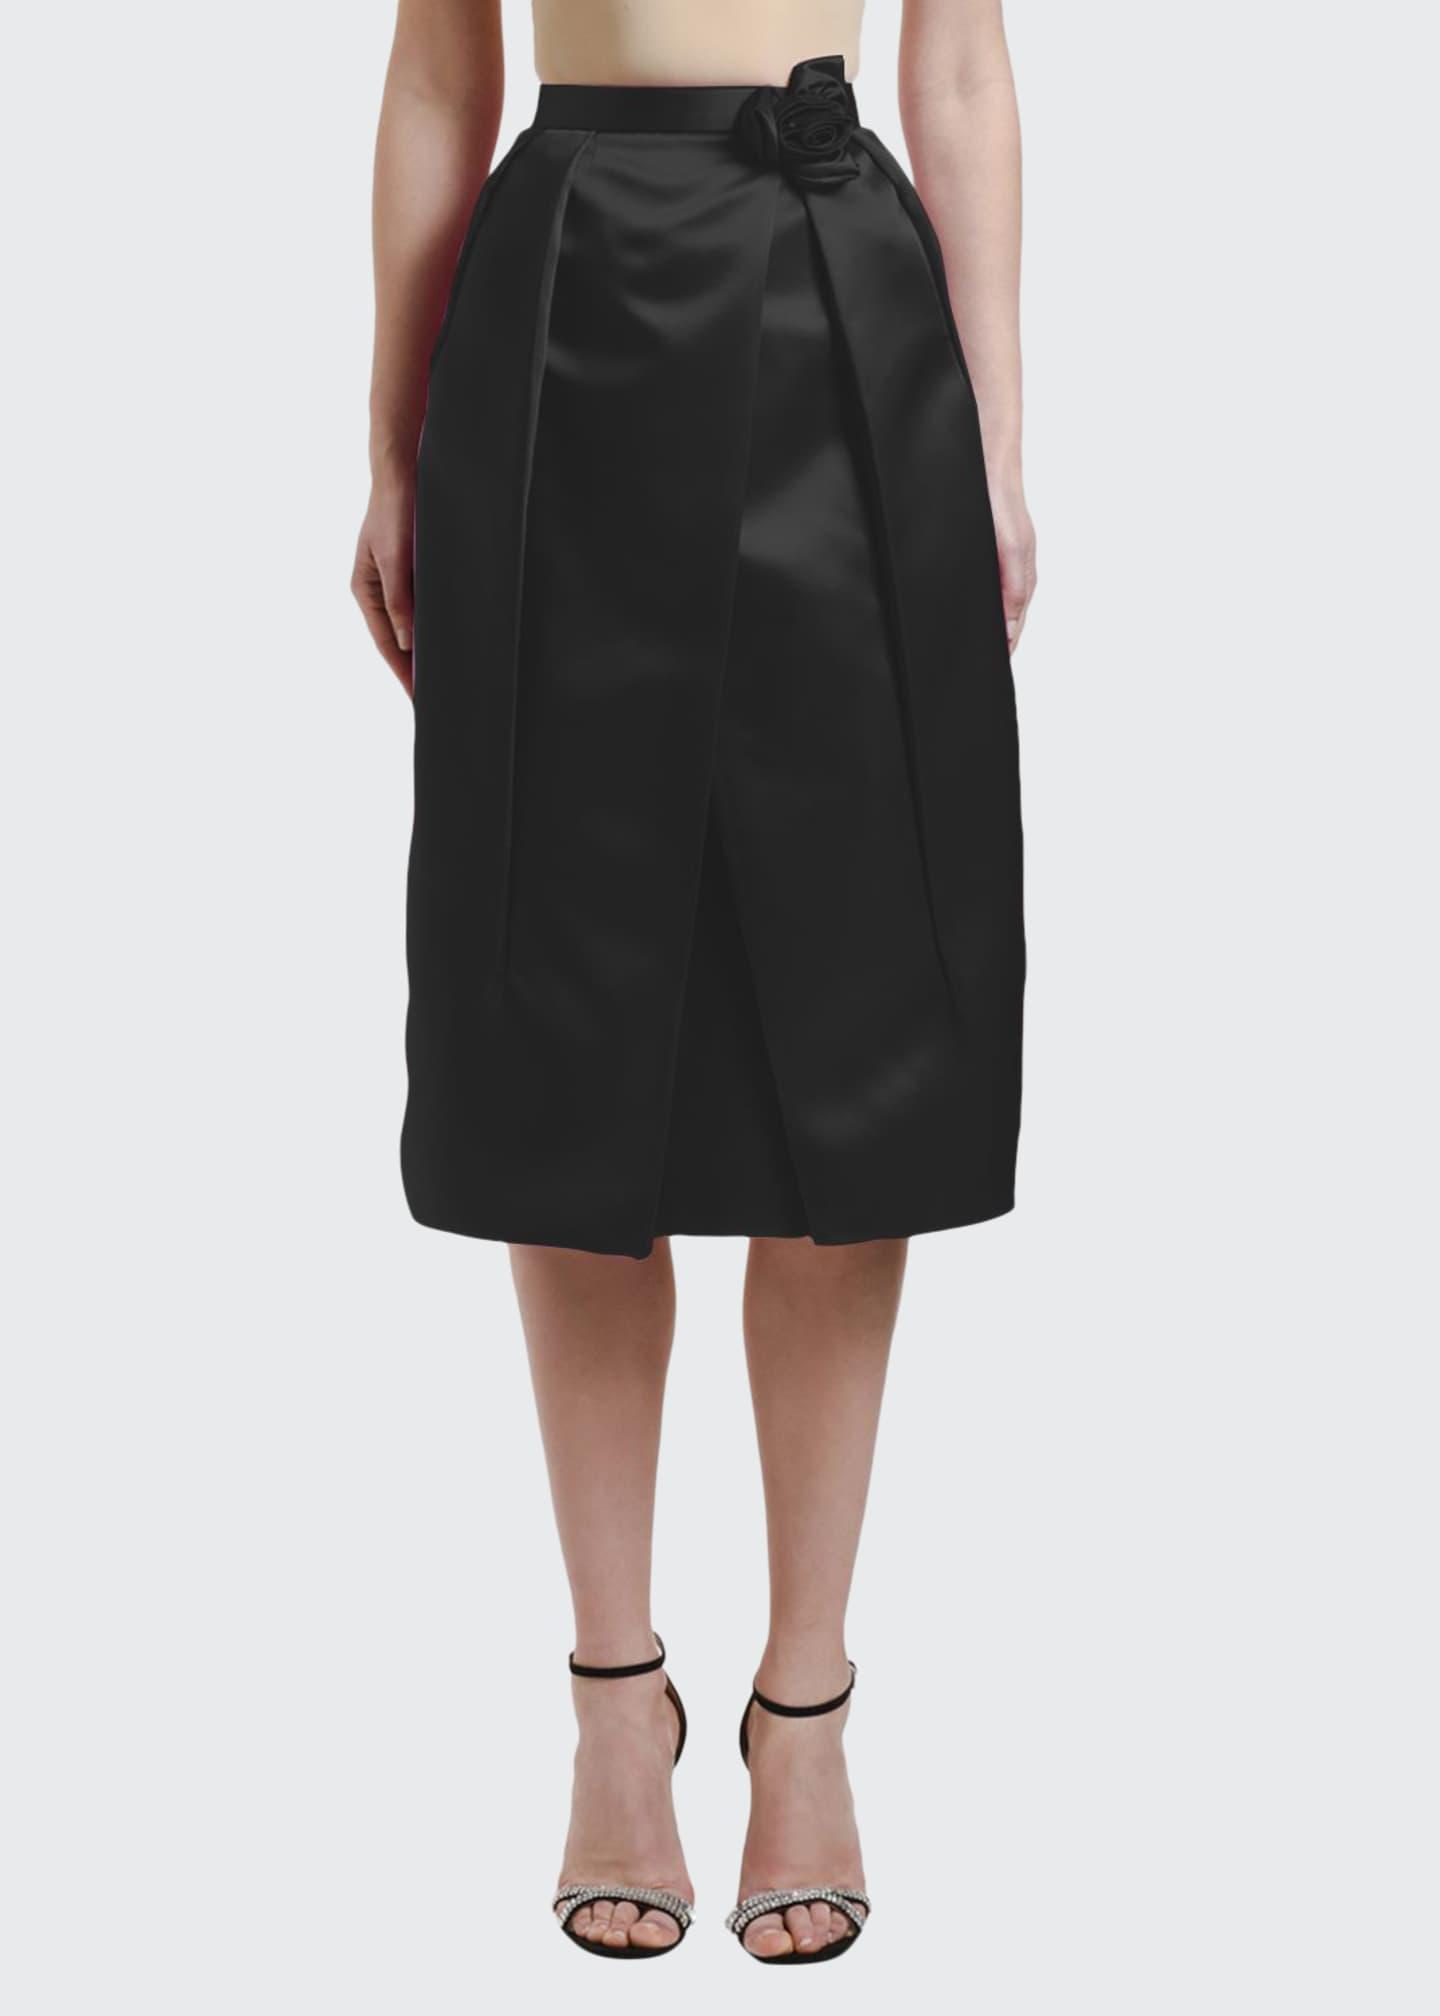 Prada Duchesse Satin Evening Skirt